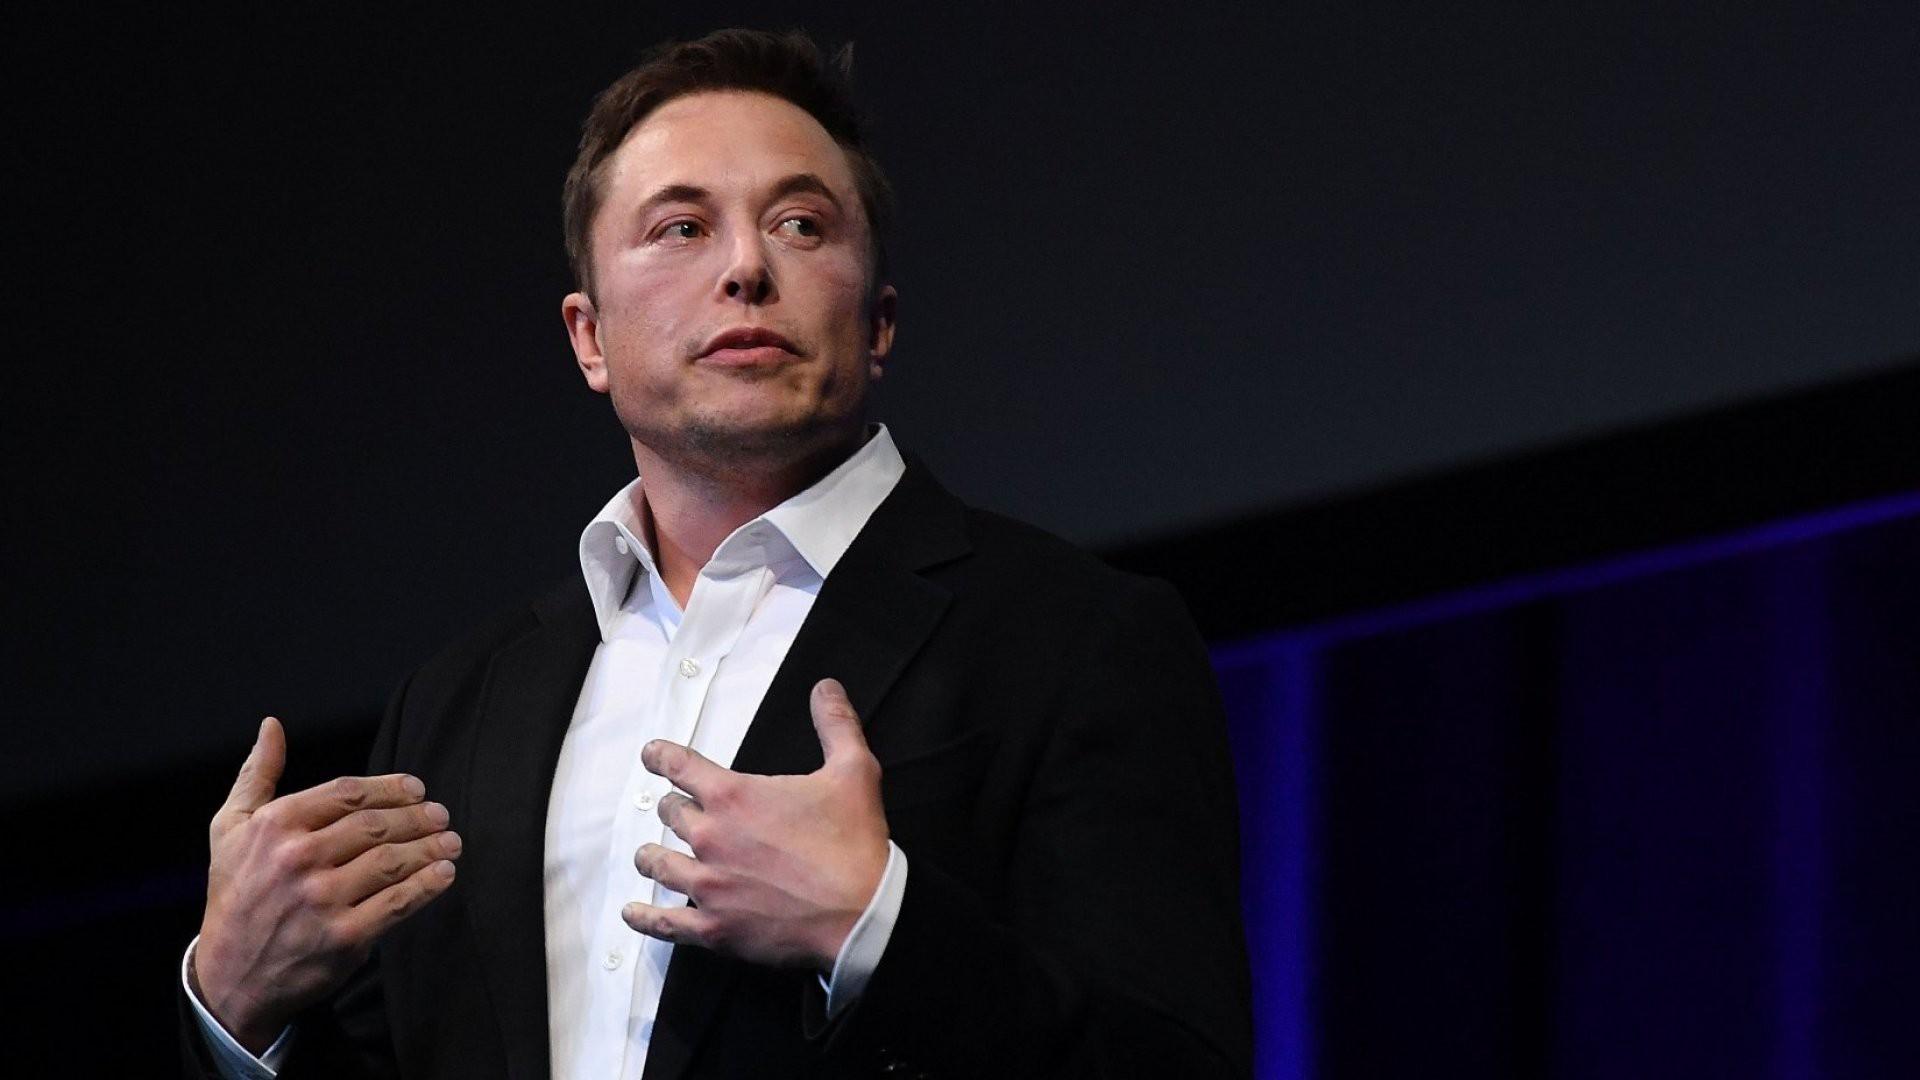 ជំនាញមួយនេះធ្វើឱ្យ Elon Musk ក្លាយជាអ្នកដឹកនាំក្រុមហ៊ុនយក្សបច្ចេកវិទ្យាជោគជ័យ